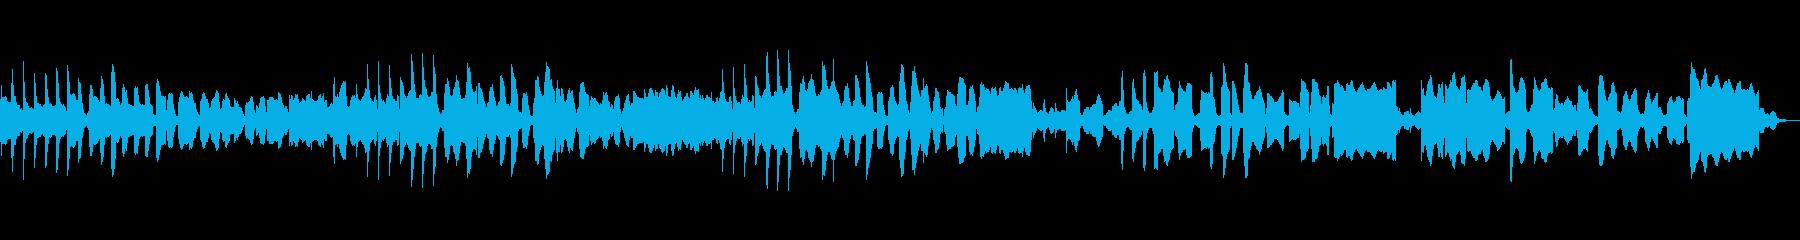 リコーダー、ビブラフォン使用のどかな曲の再生済みの波形